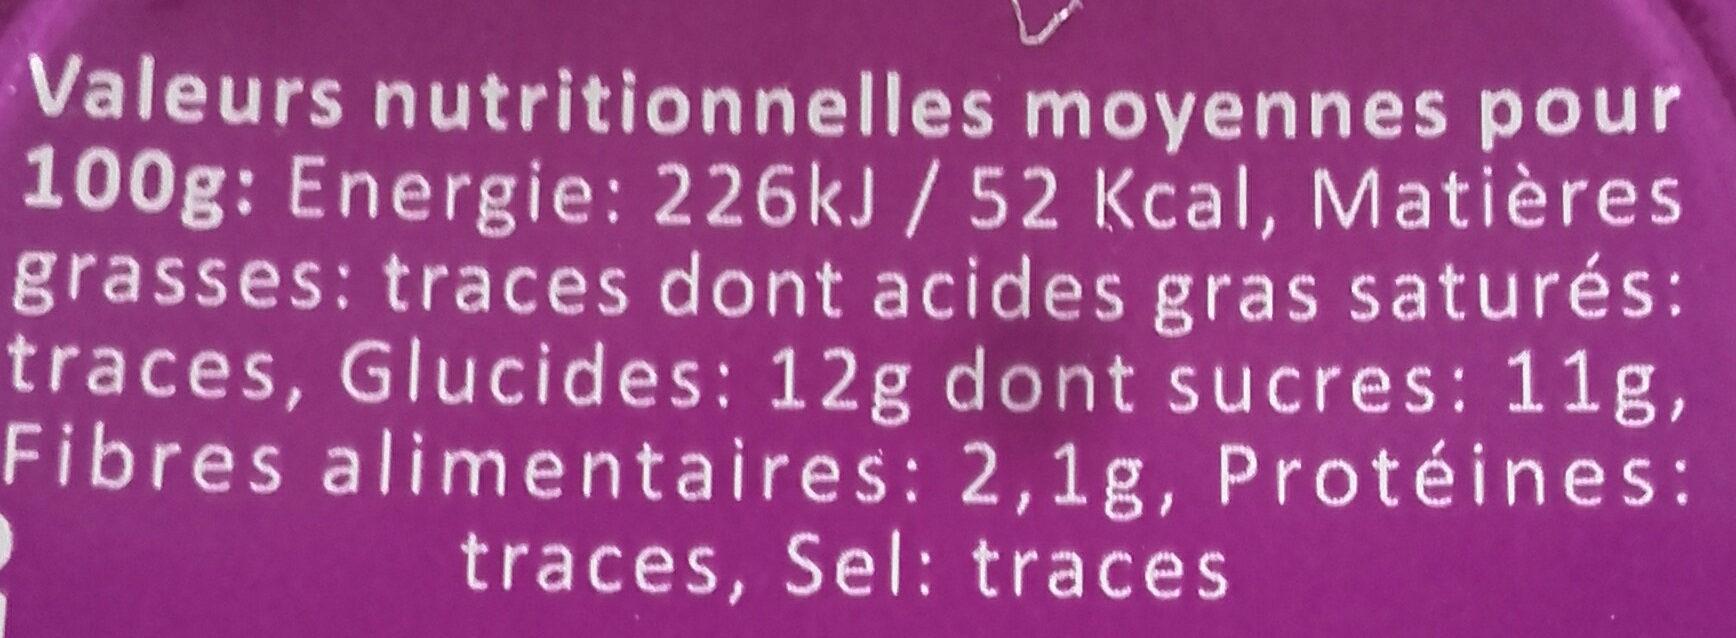 purée de pommes - Informations nutritionnelles